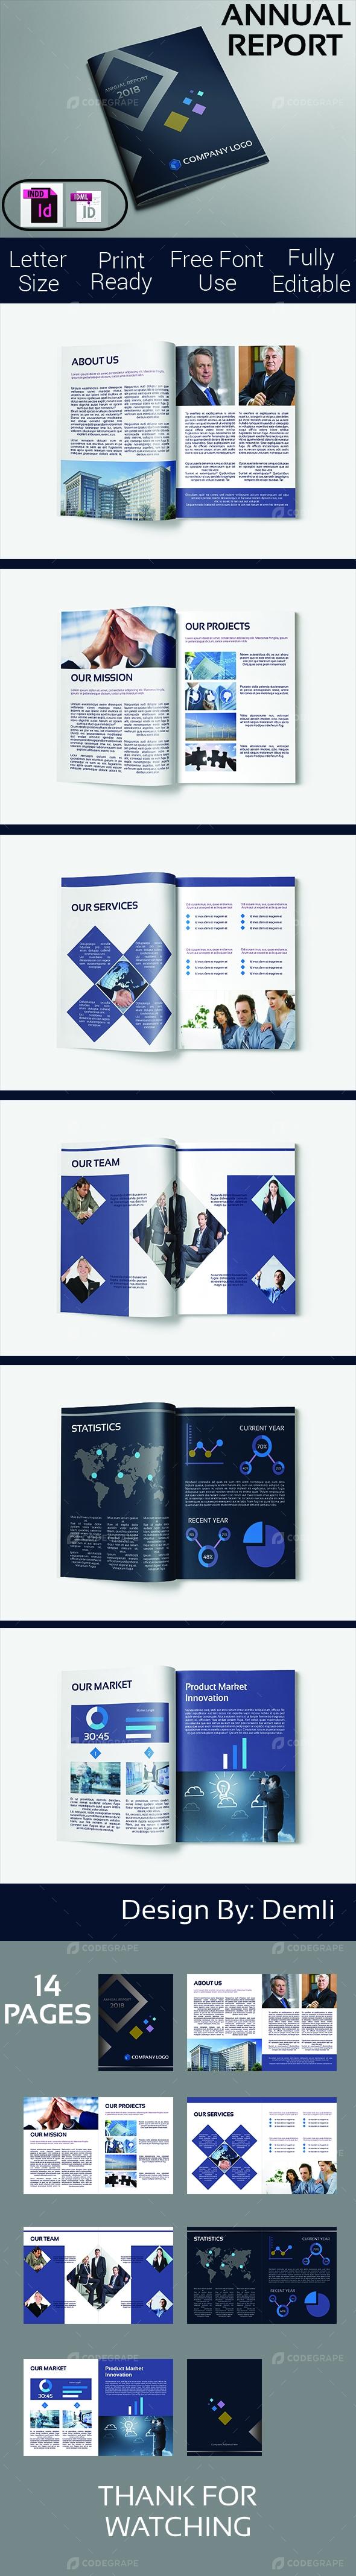 Annual Report Indesign